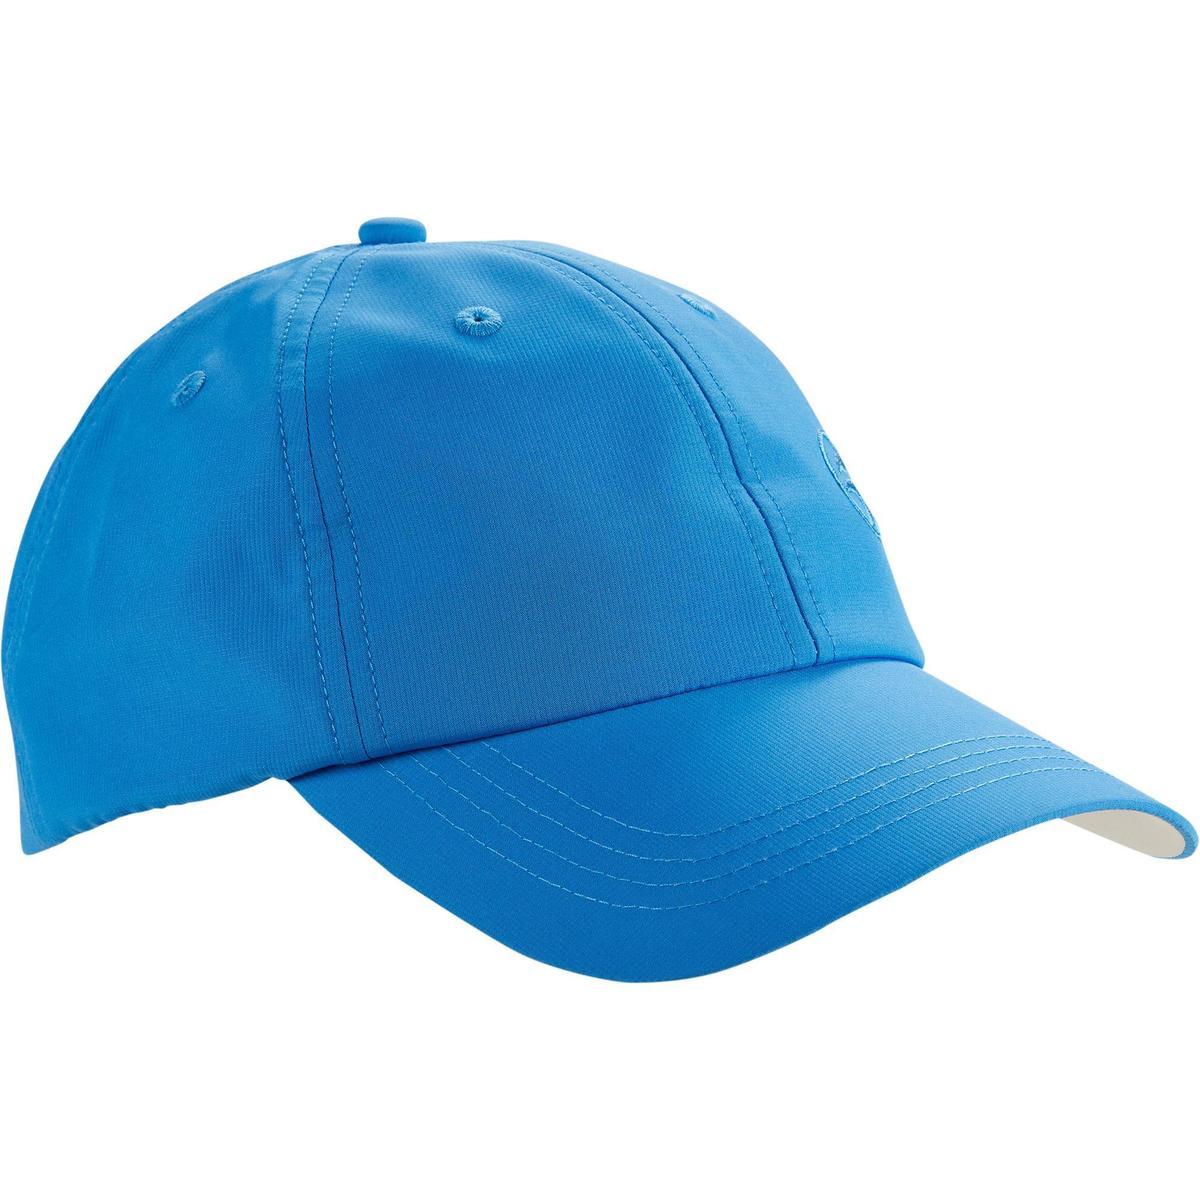 Bild 1 von Golf Cap Erwachsene blau